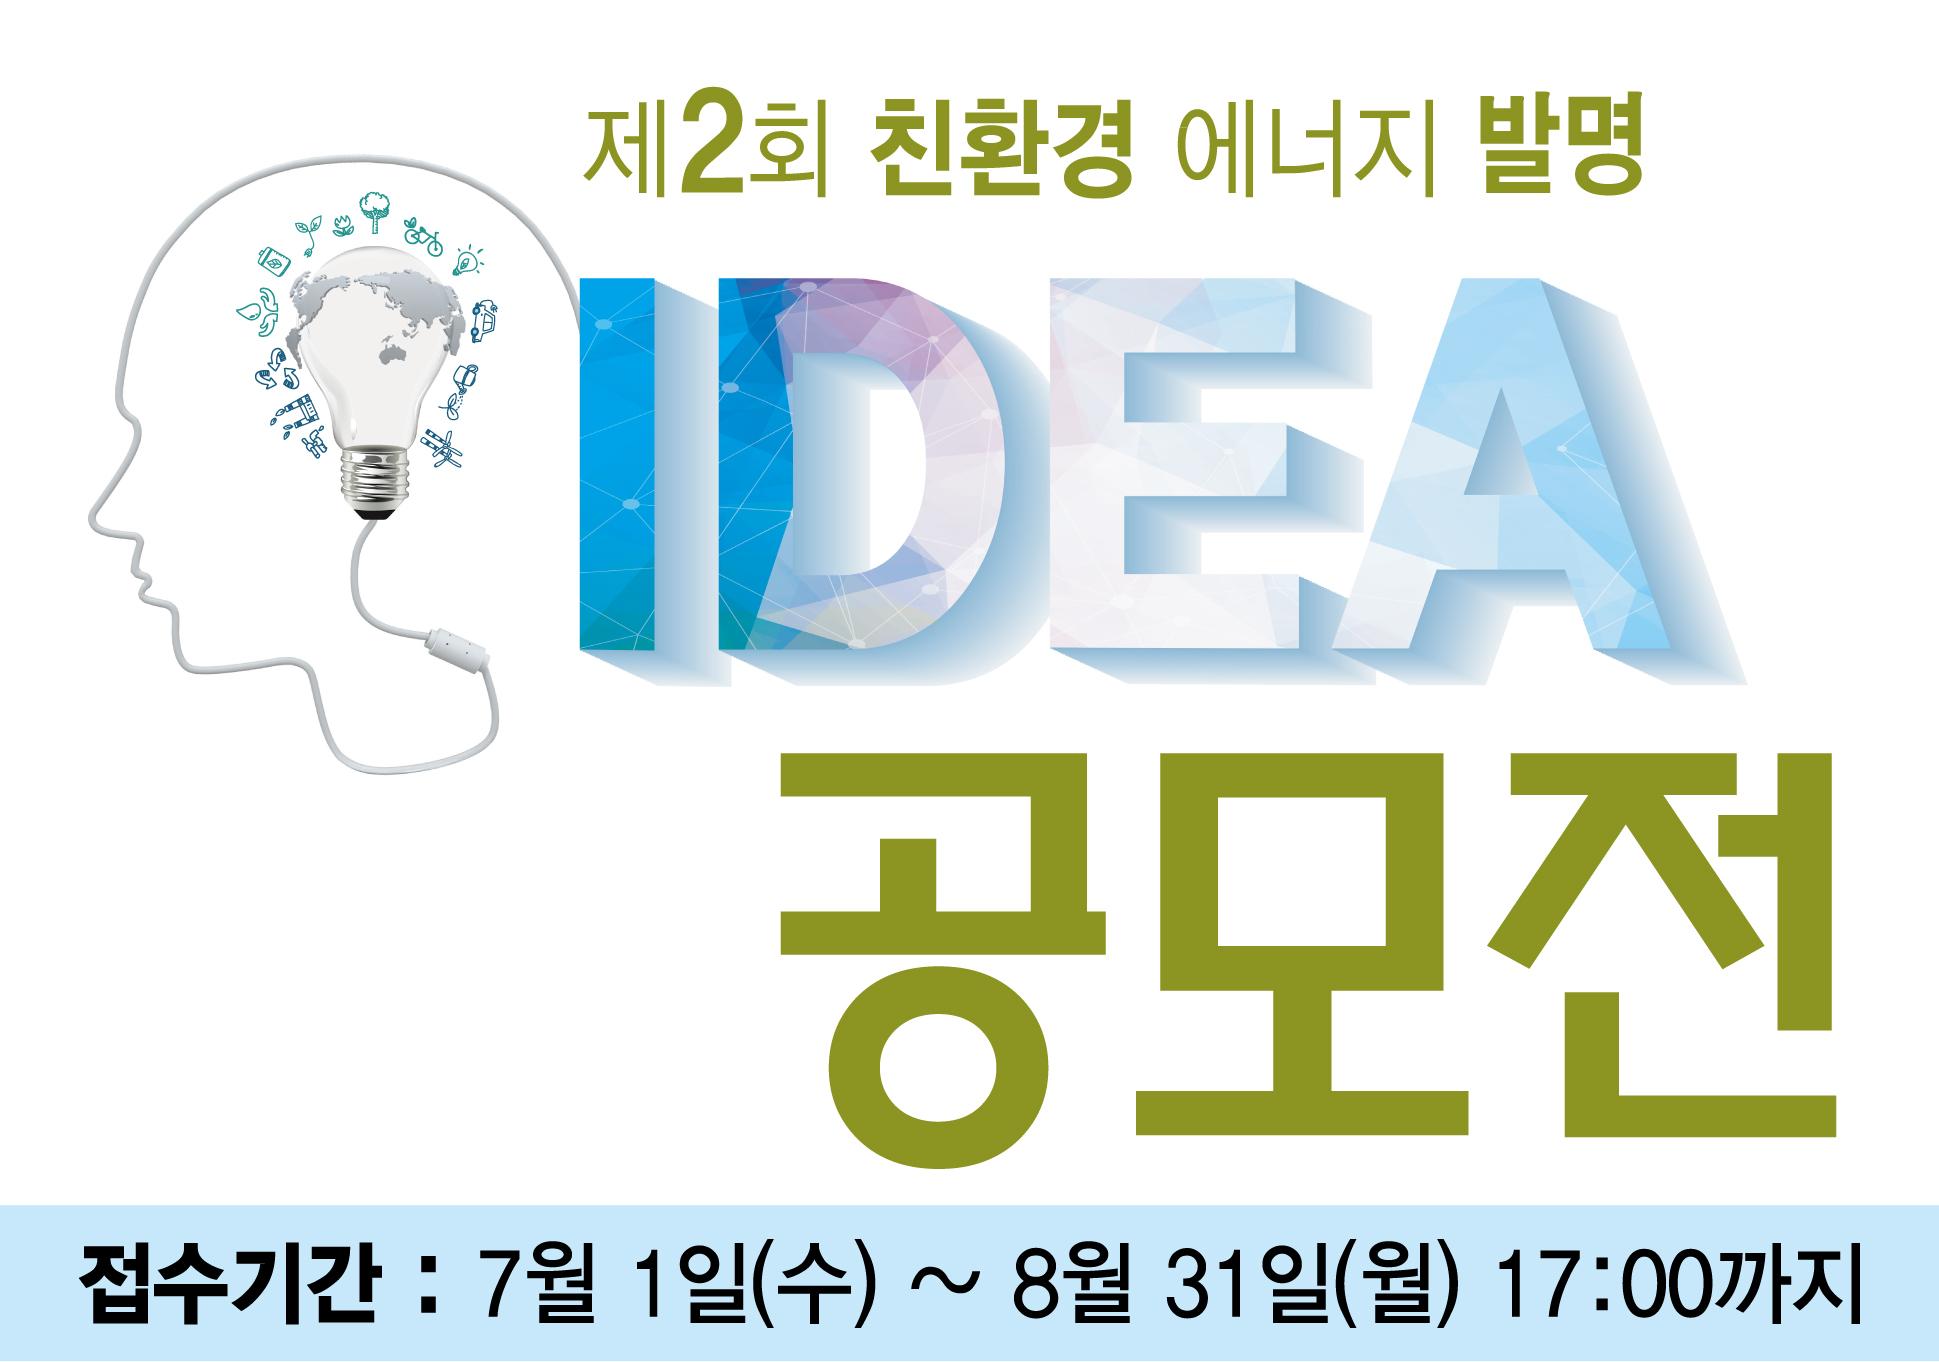 제2회 친환경 에너지 발명 아이디어 공모전